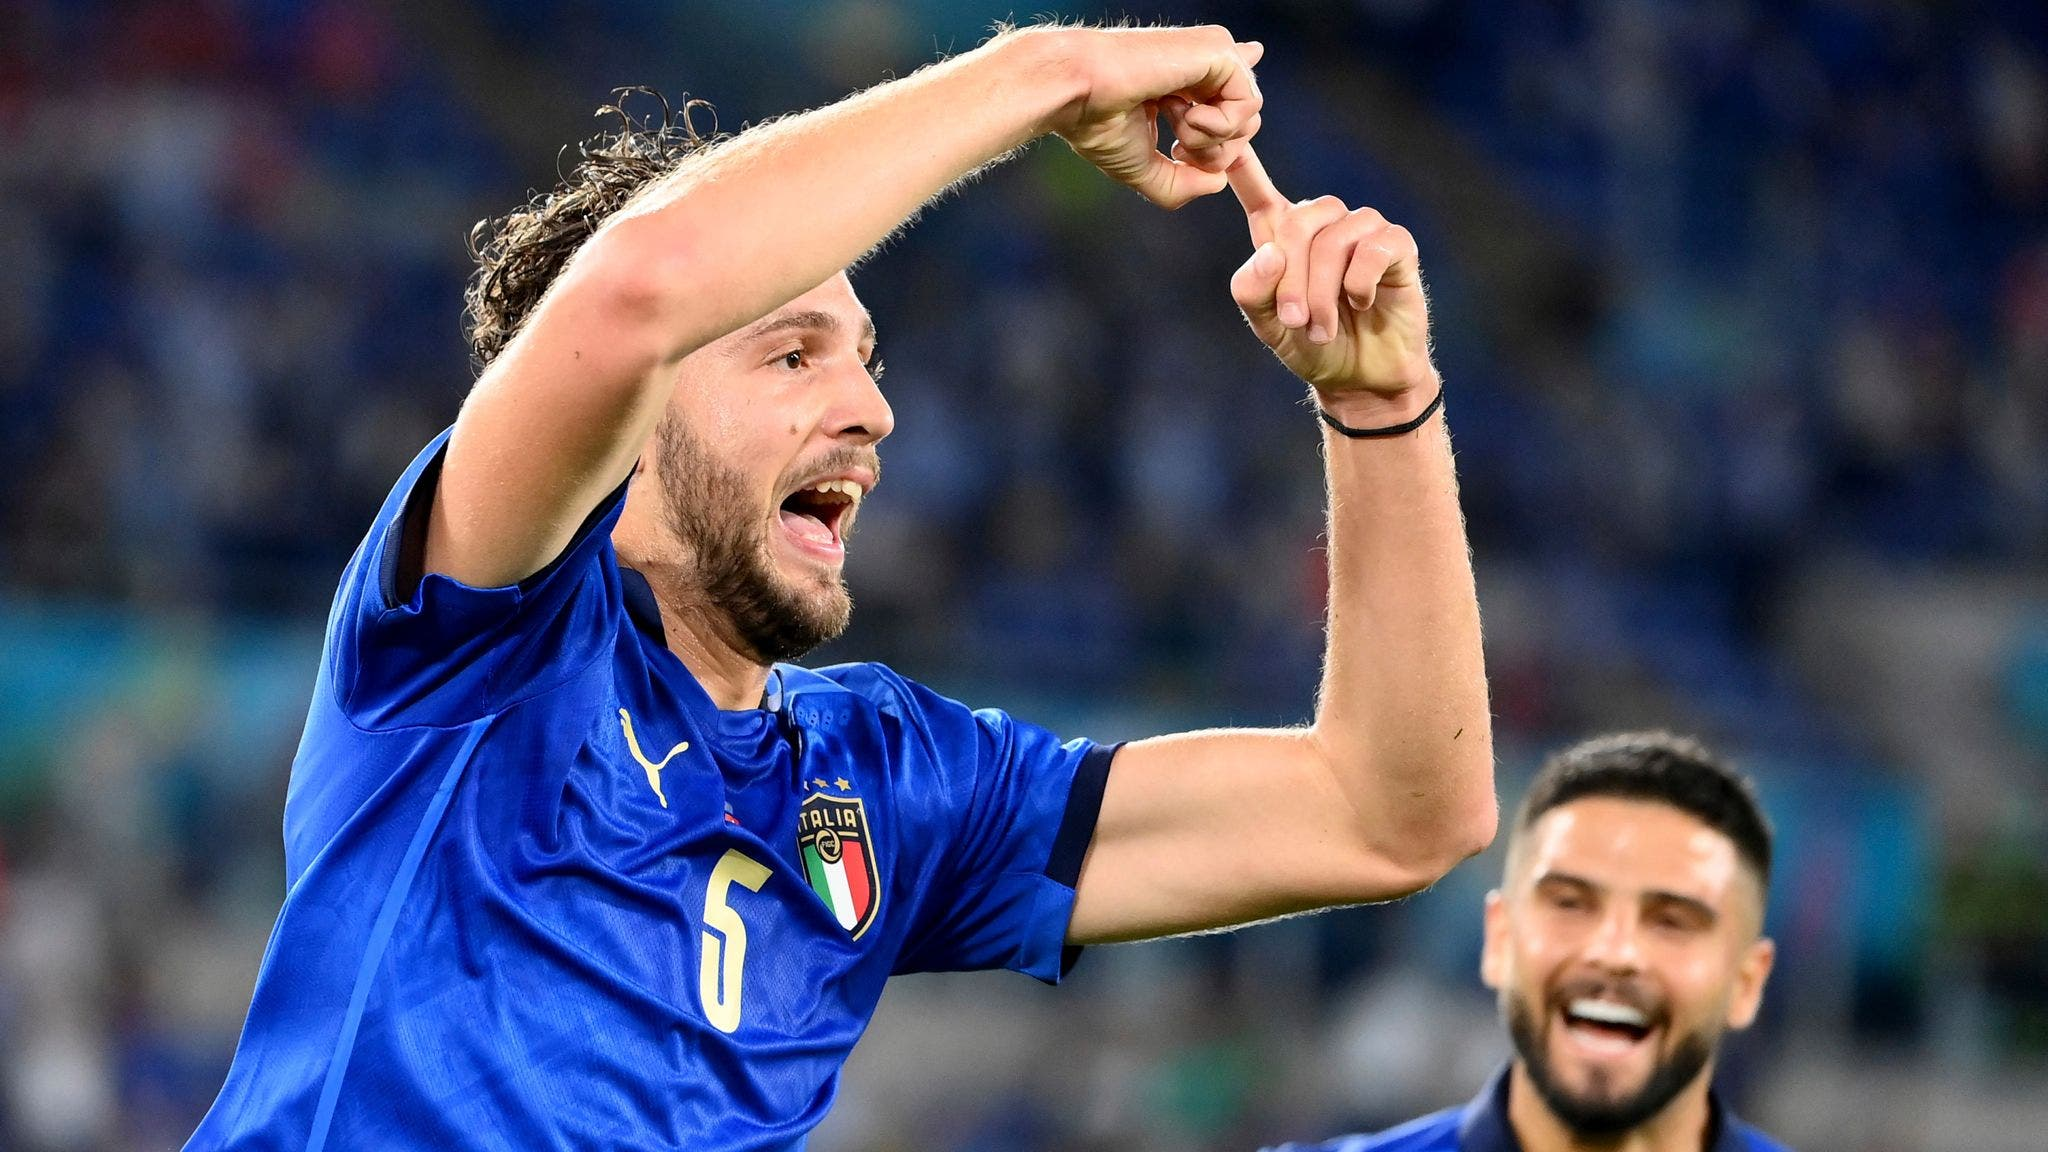 دیدار دو تیم ایتالیا و ترکیه